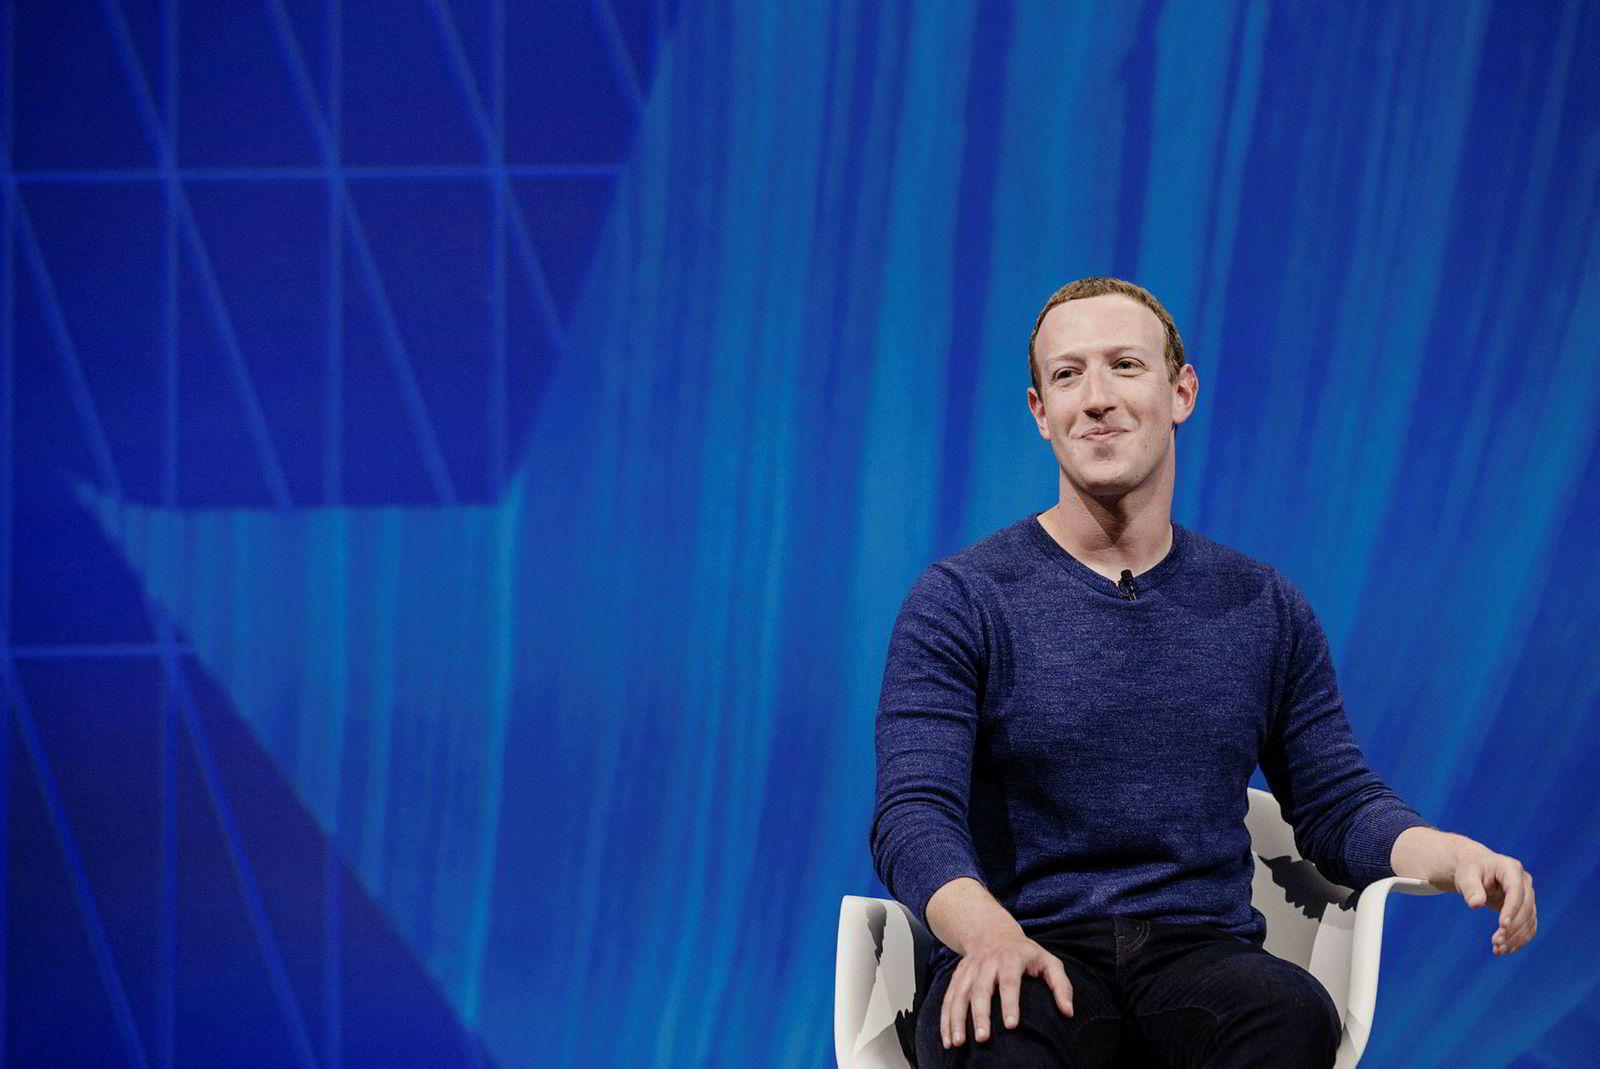 Aksjen hentet seg inn etter et fall på fem prosent da det ble kjent at gründer og toppsjef Mark Zuckerberg blir stadig mer aggressiv i sin lederstil.